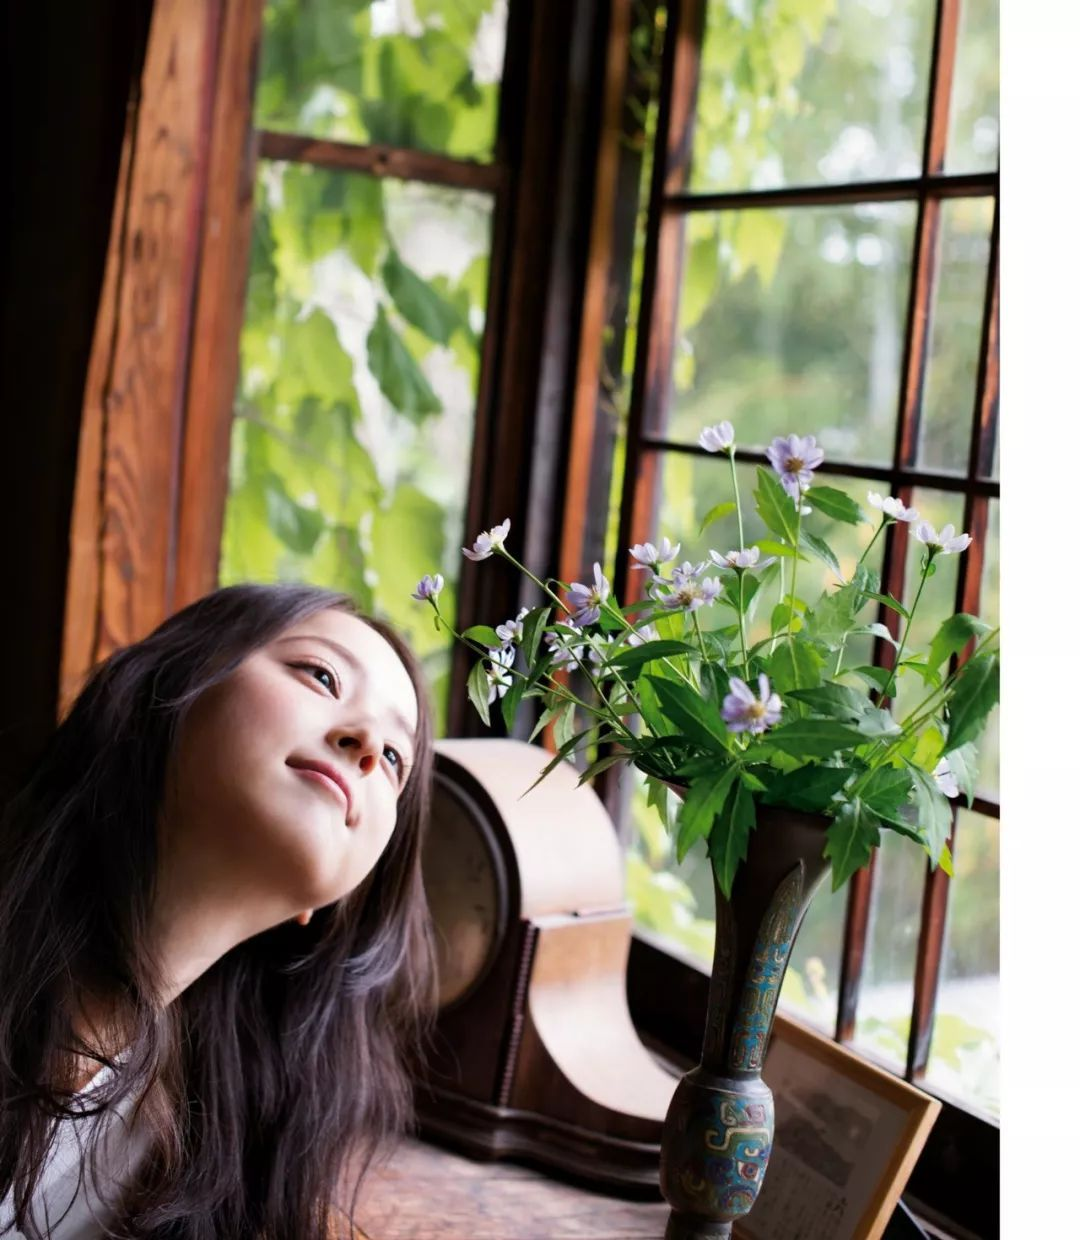 「佐佐木希」天使的秘密 「佐佐木希」壁纸你们喜欢吗? liuliushe.net六六社 第6张